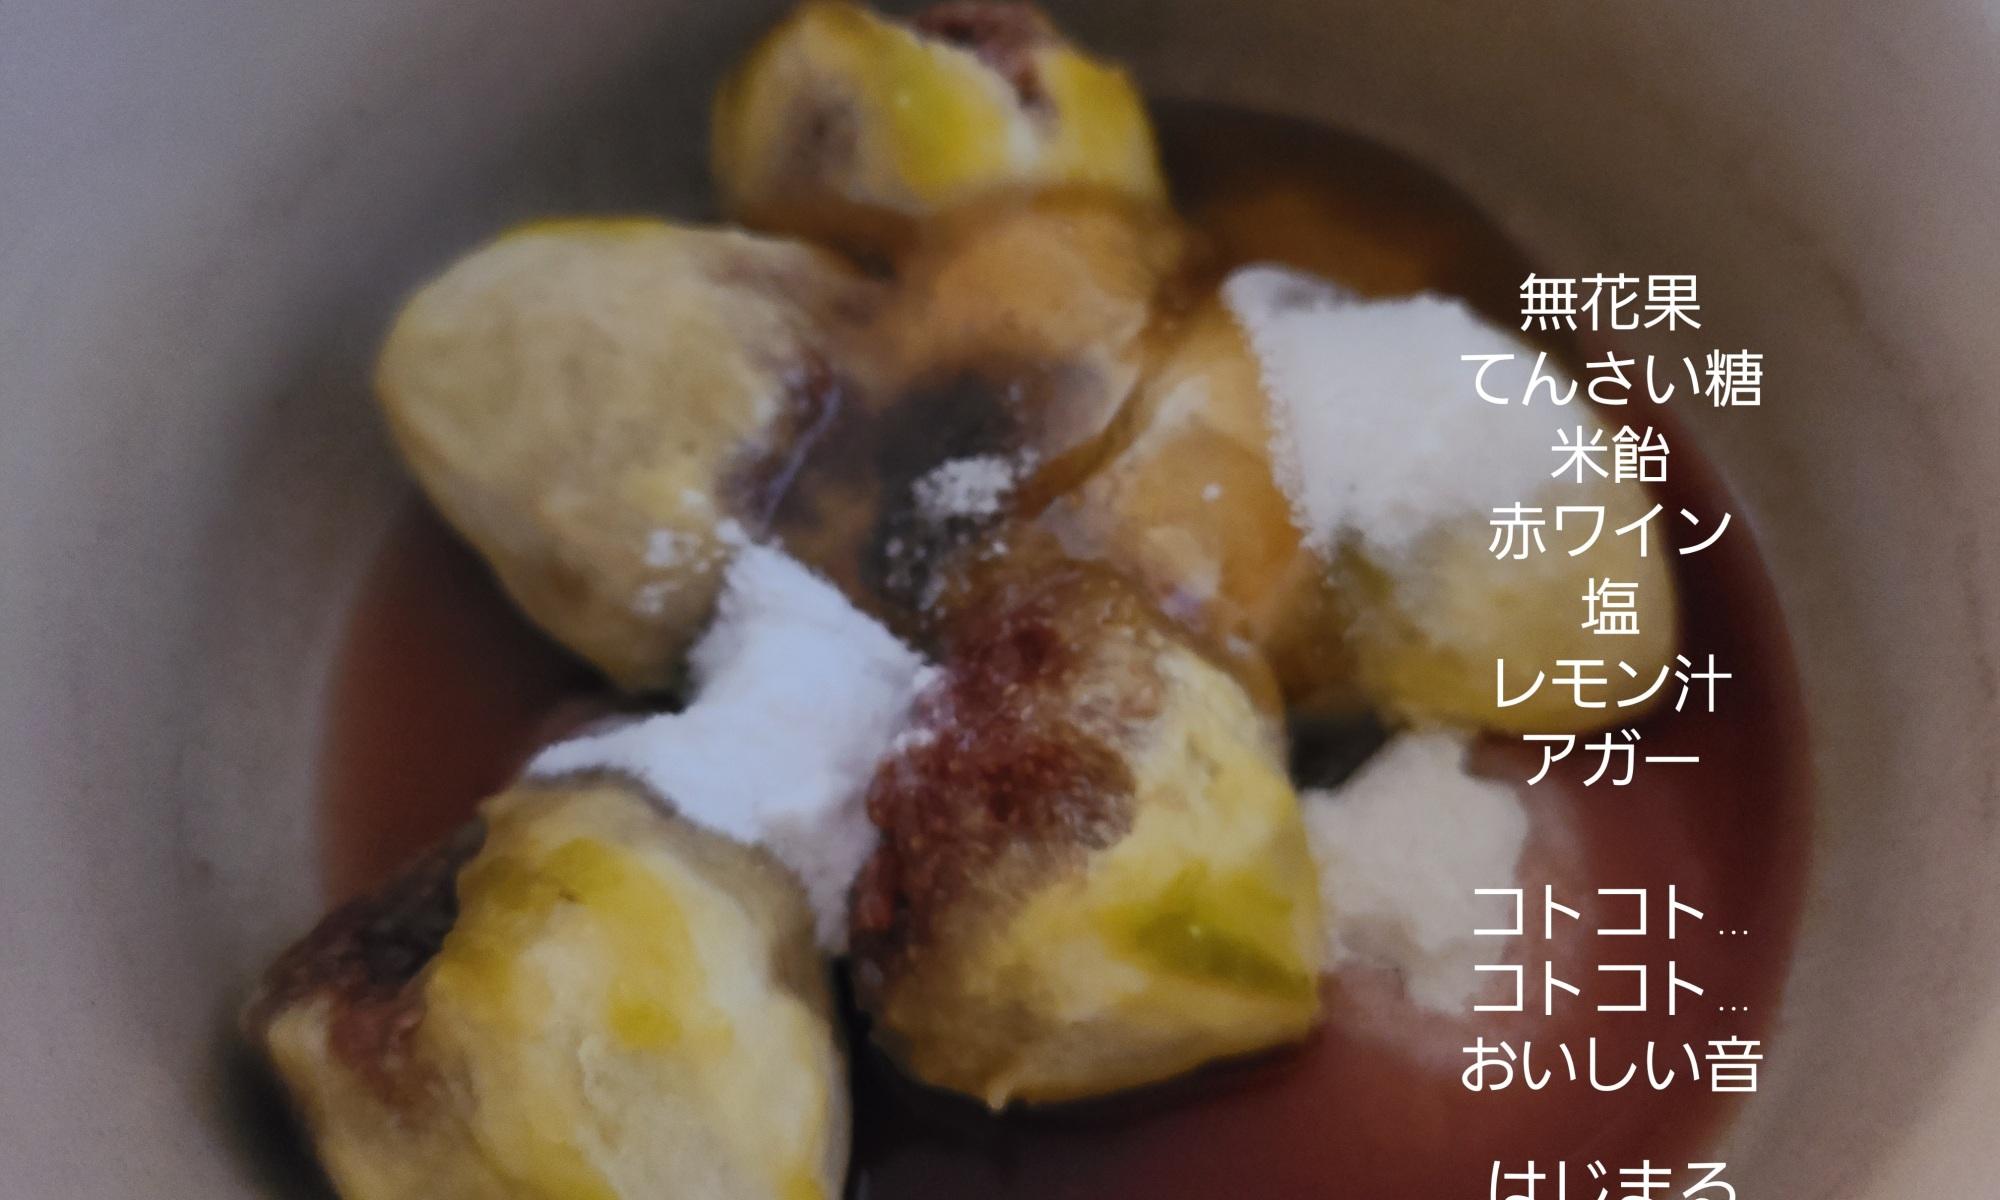 無花果や砂糖、米飴等が鍋に入っています。